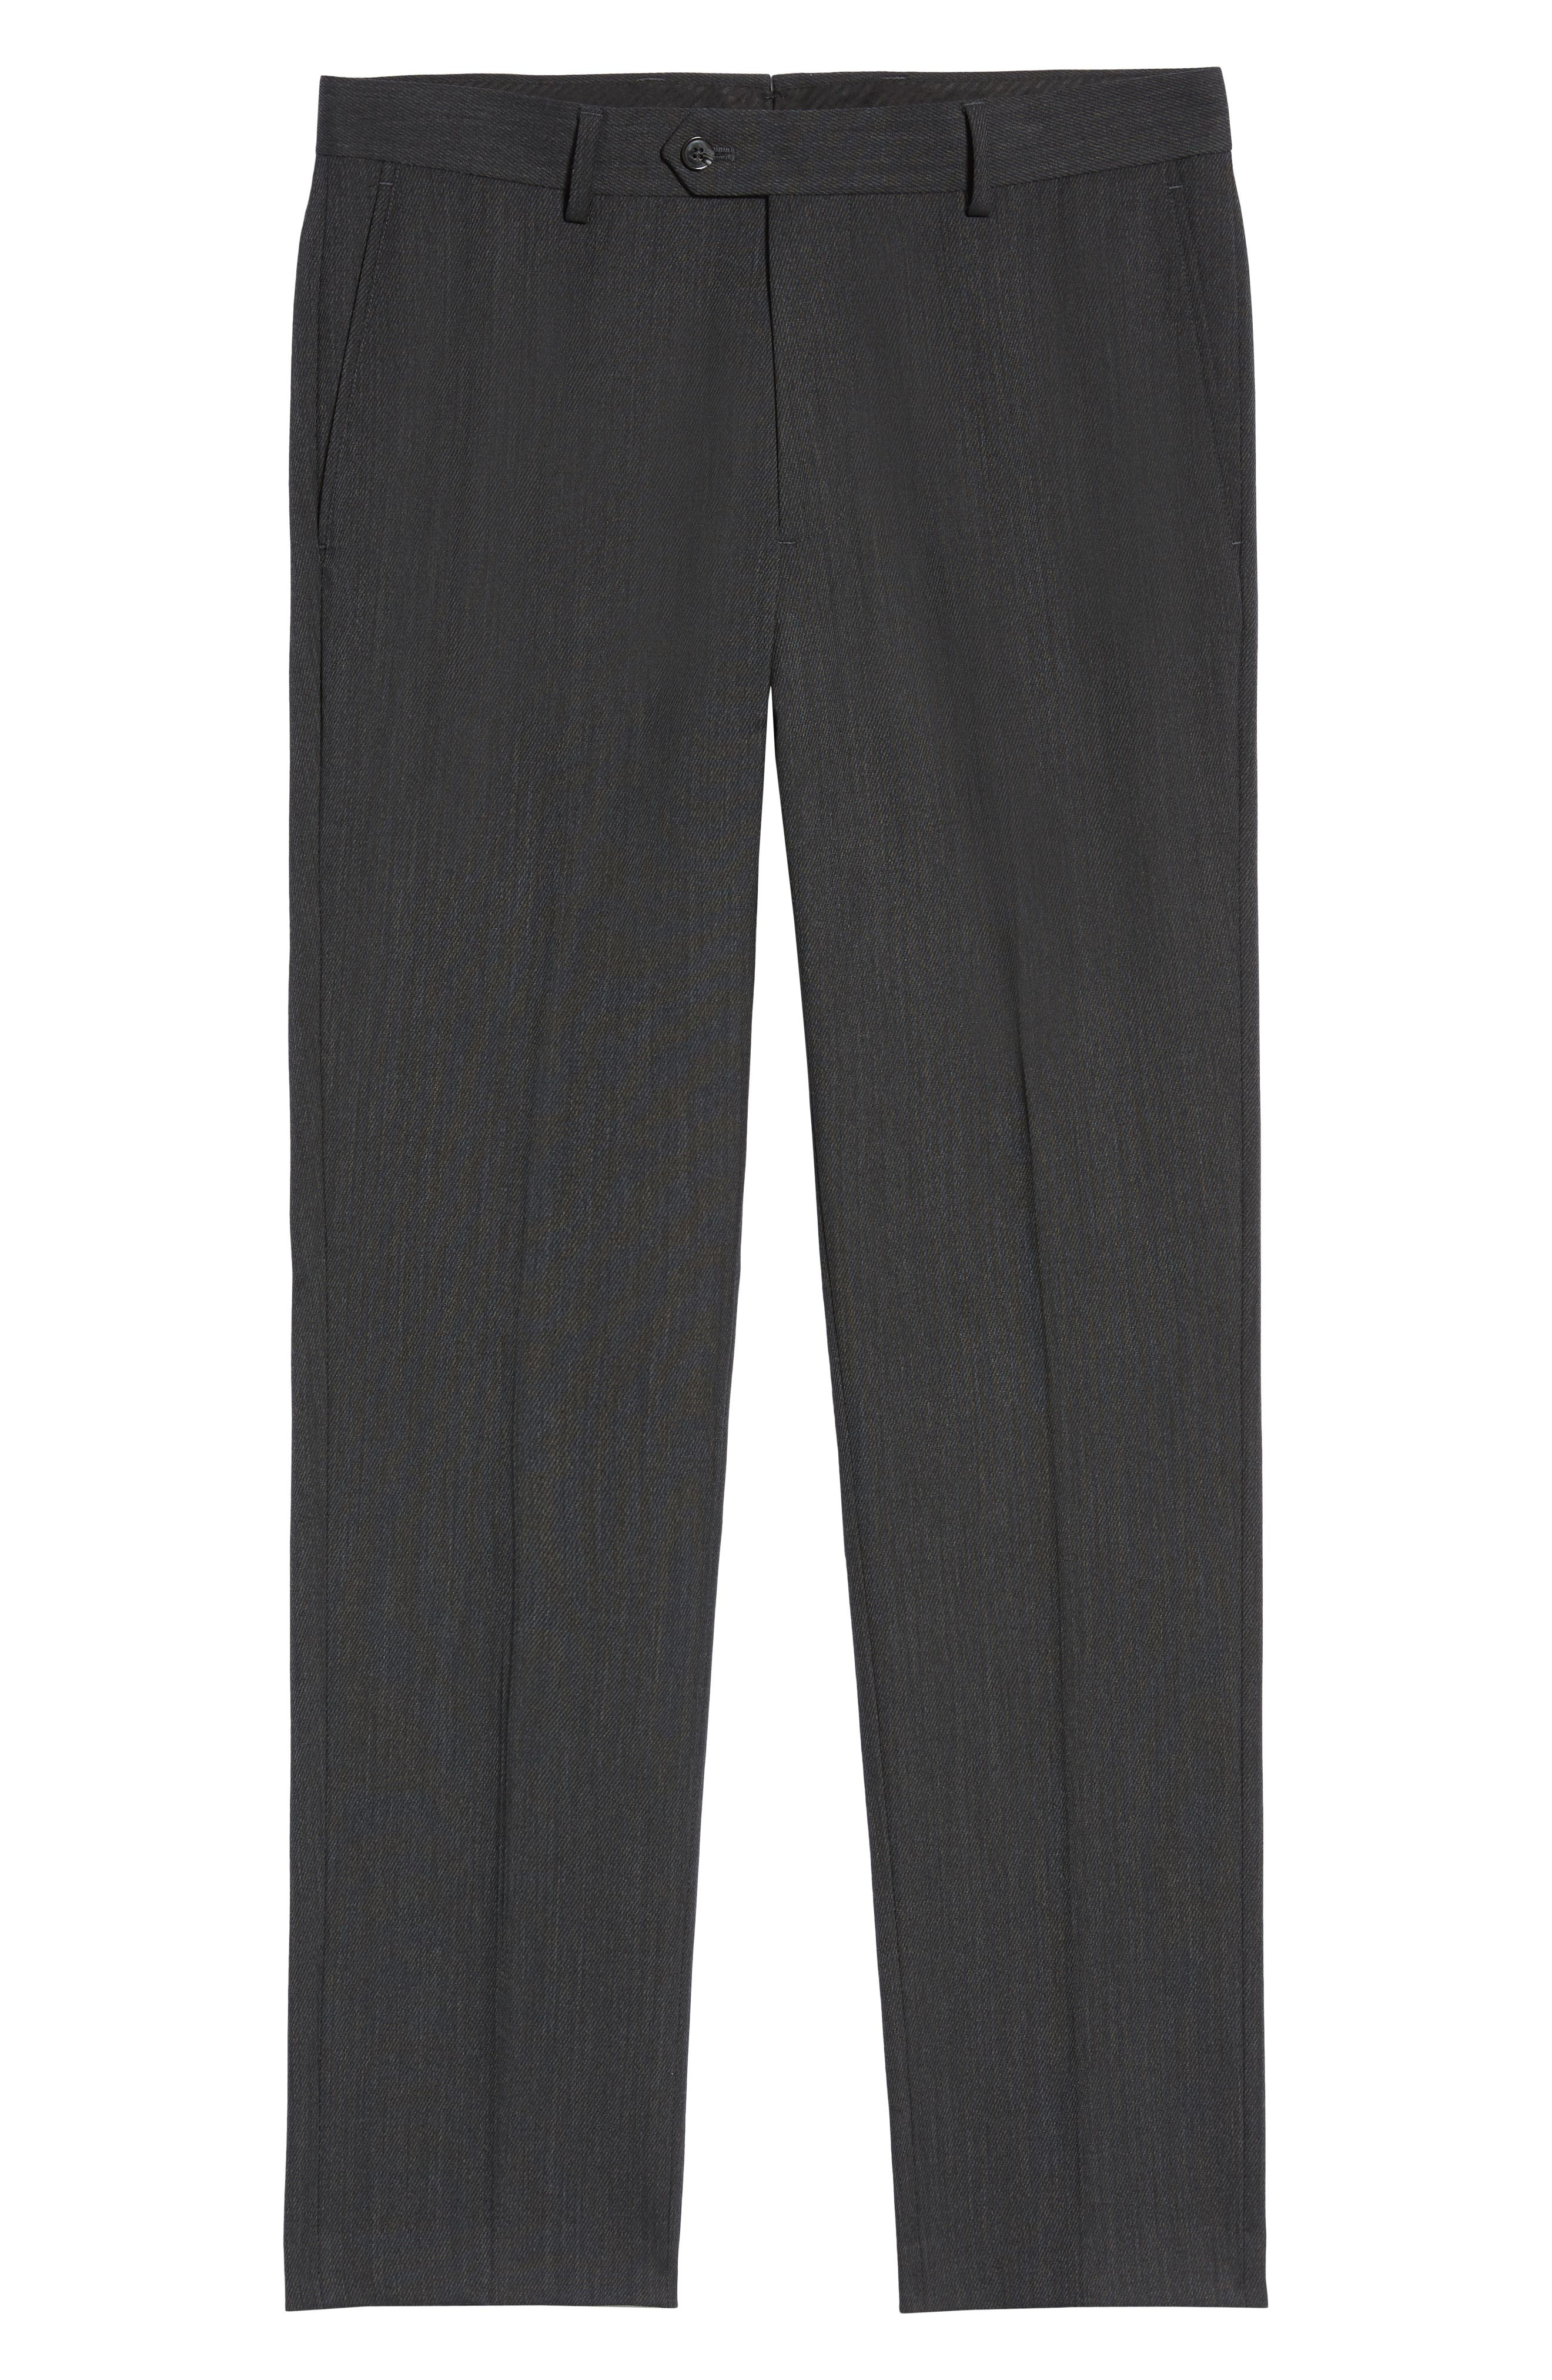 Trim Fit Flat Front Wool Blend Pants,                             Alternate thumbnail 6, color,                             021